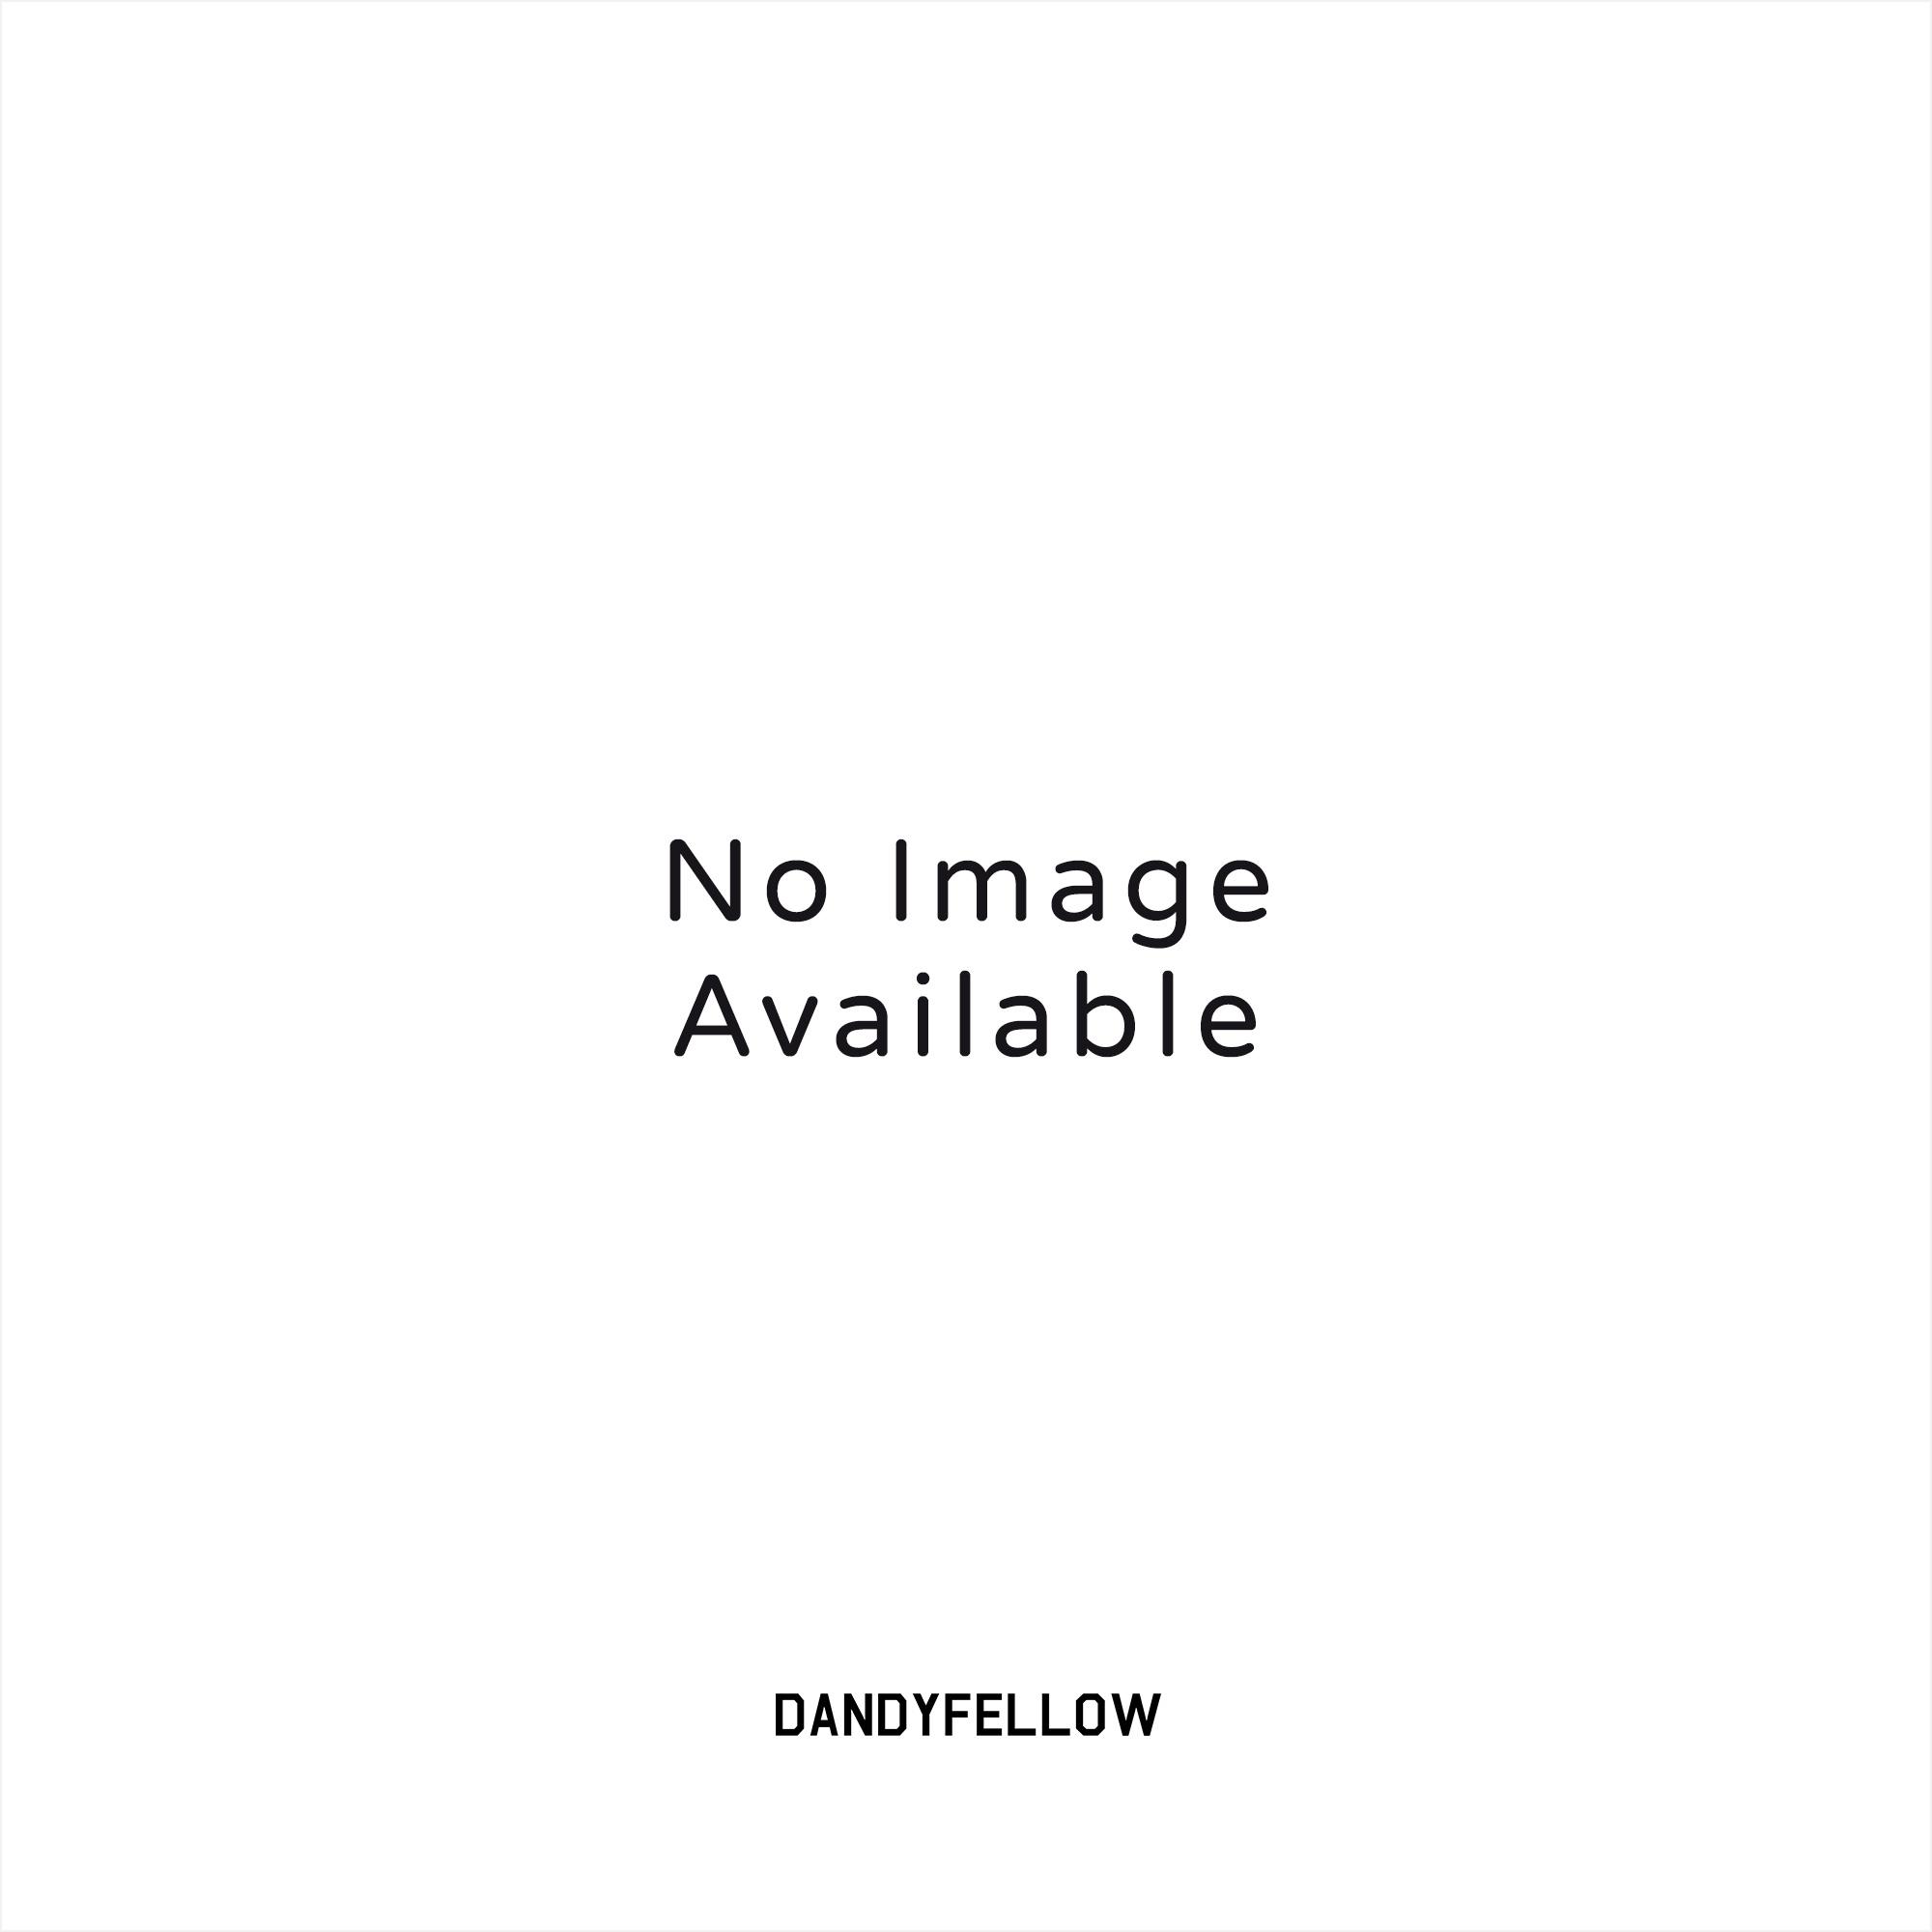 muy baratas orden nuevo estilo y lujo Nike Air Max 270 SE (White & Pure Platinum) at Dandy Fellow